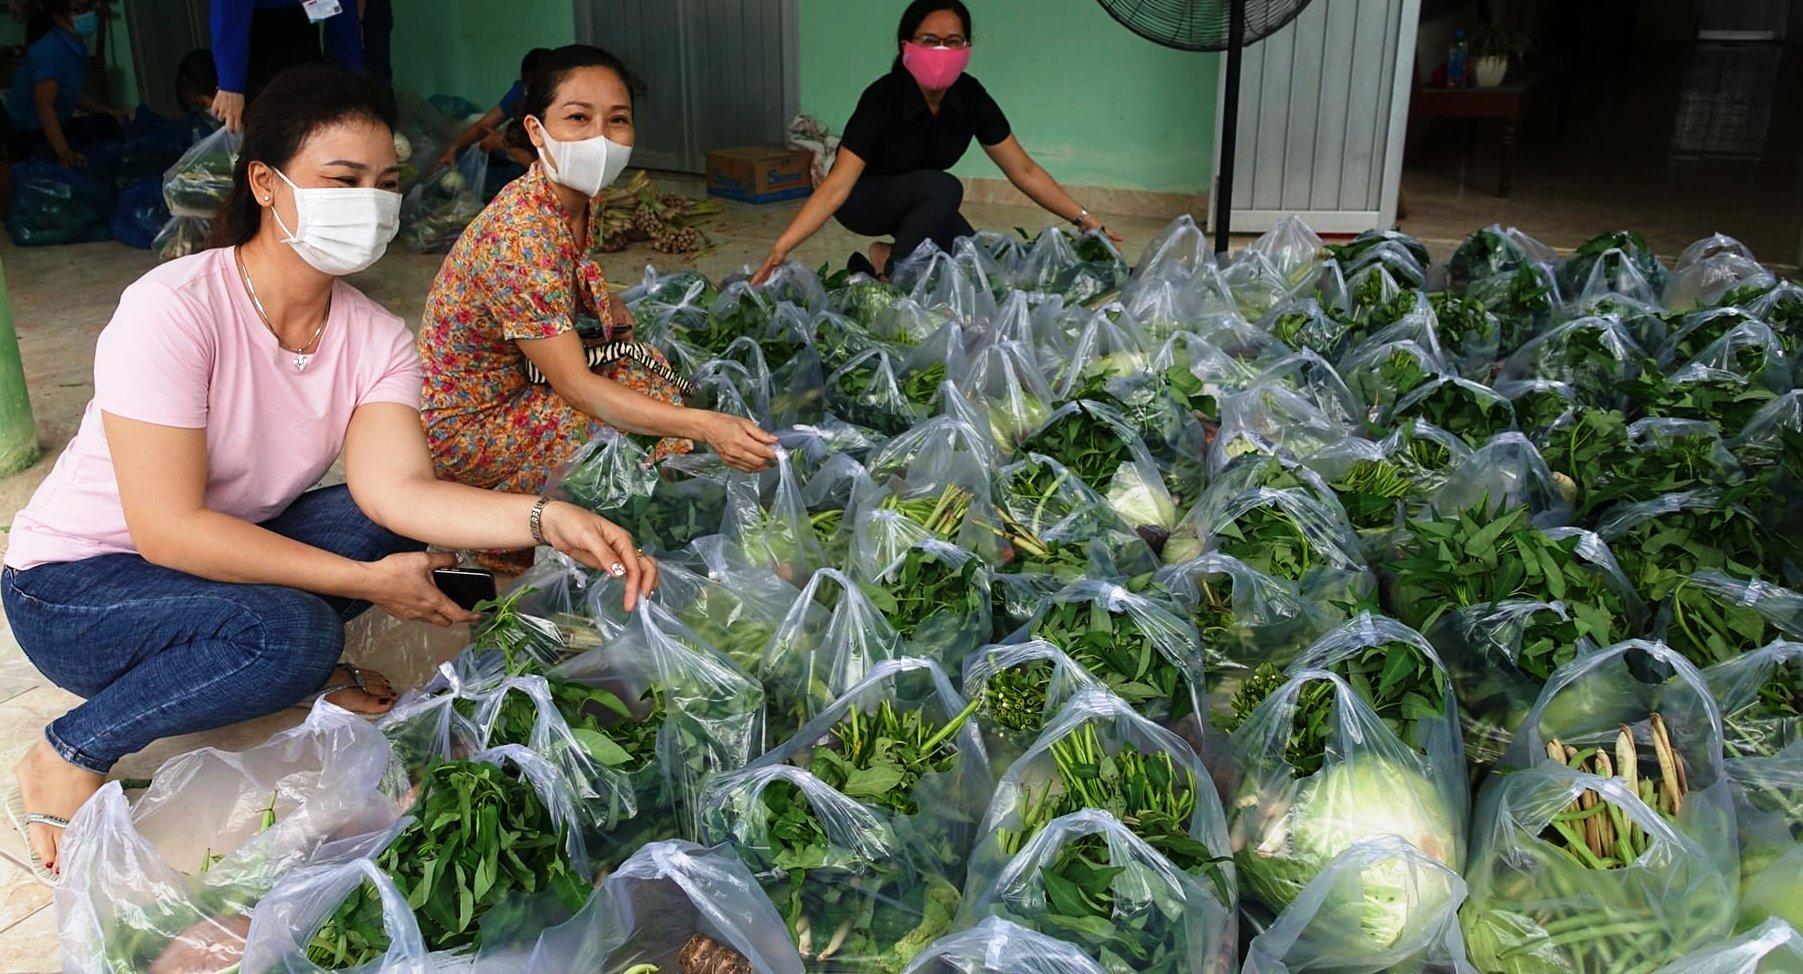 Hội Nông dân Khánh Hòa: Nhiều hoạt động chung tay phòng, chống dịch Covid-19 - Ảnh 4.